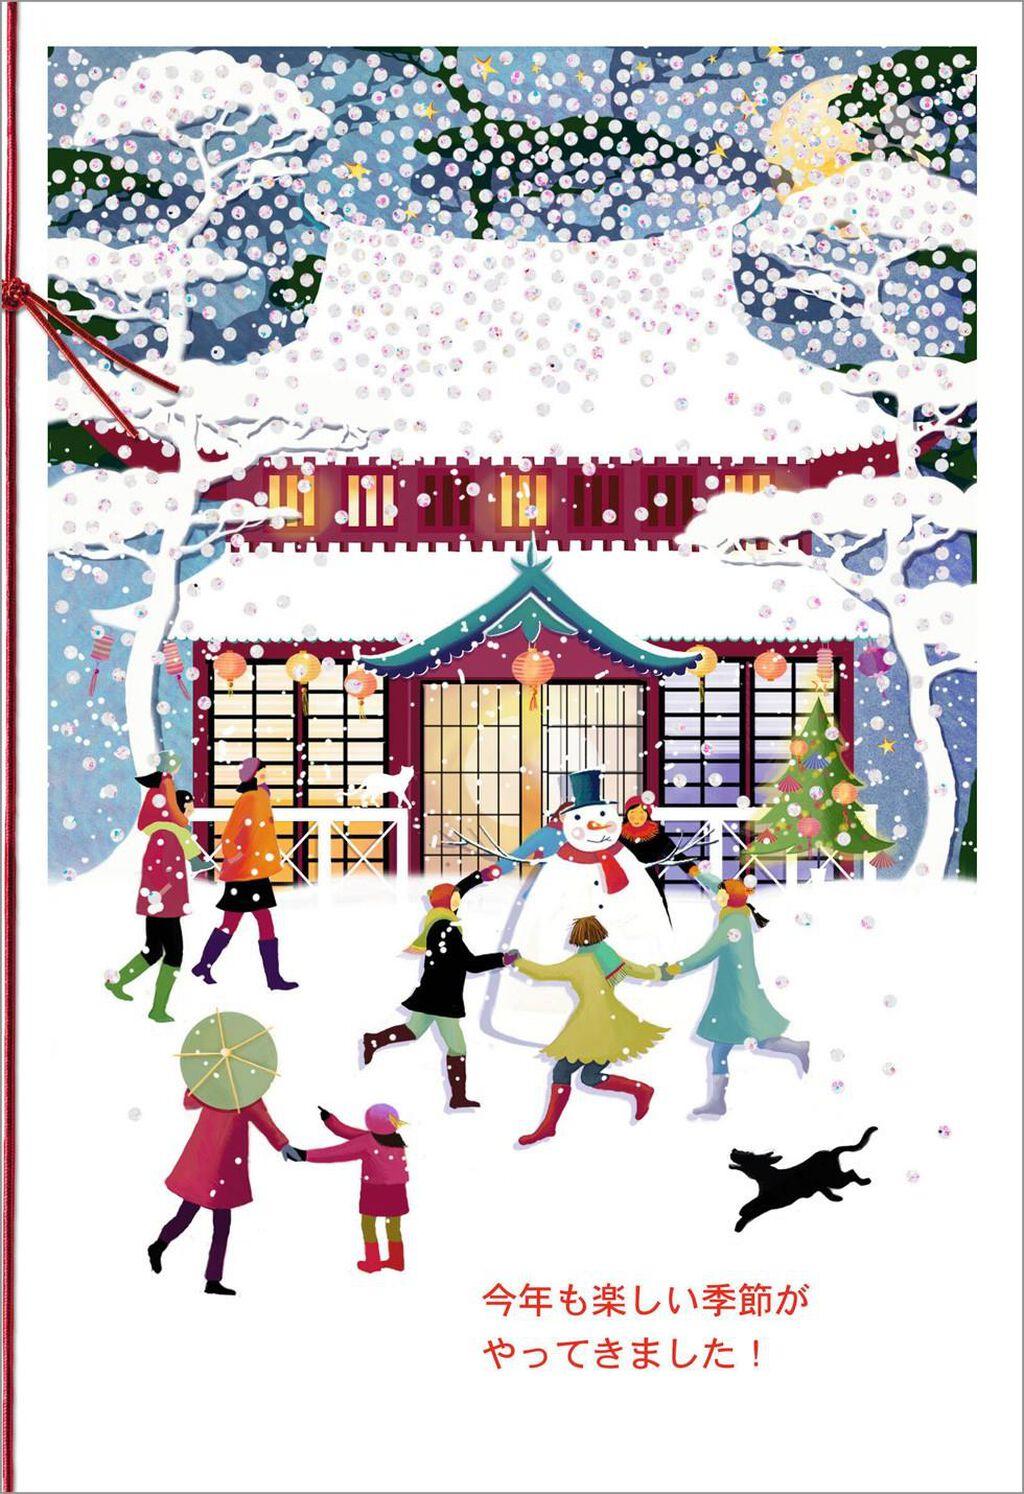 Joyous Scene Japanese Language Christmas Card Greeting Cards